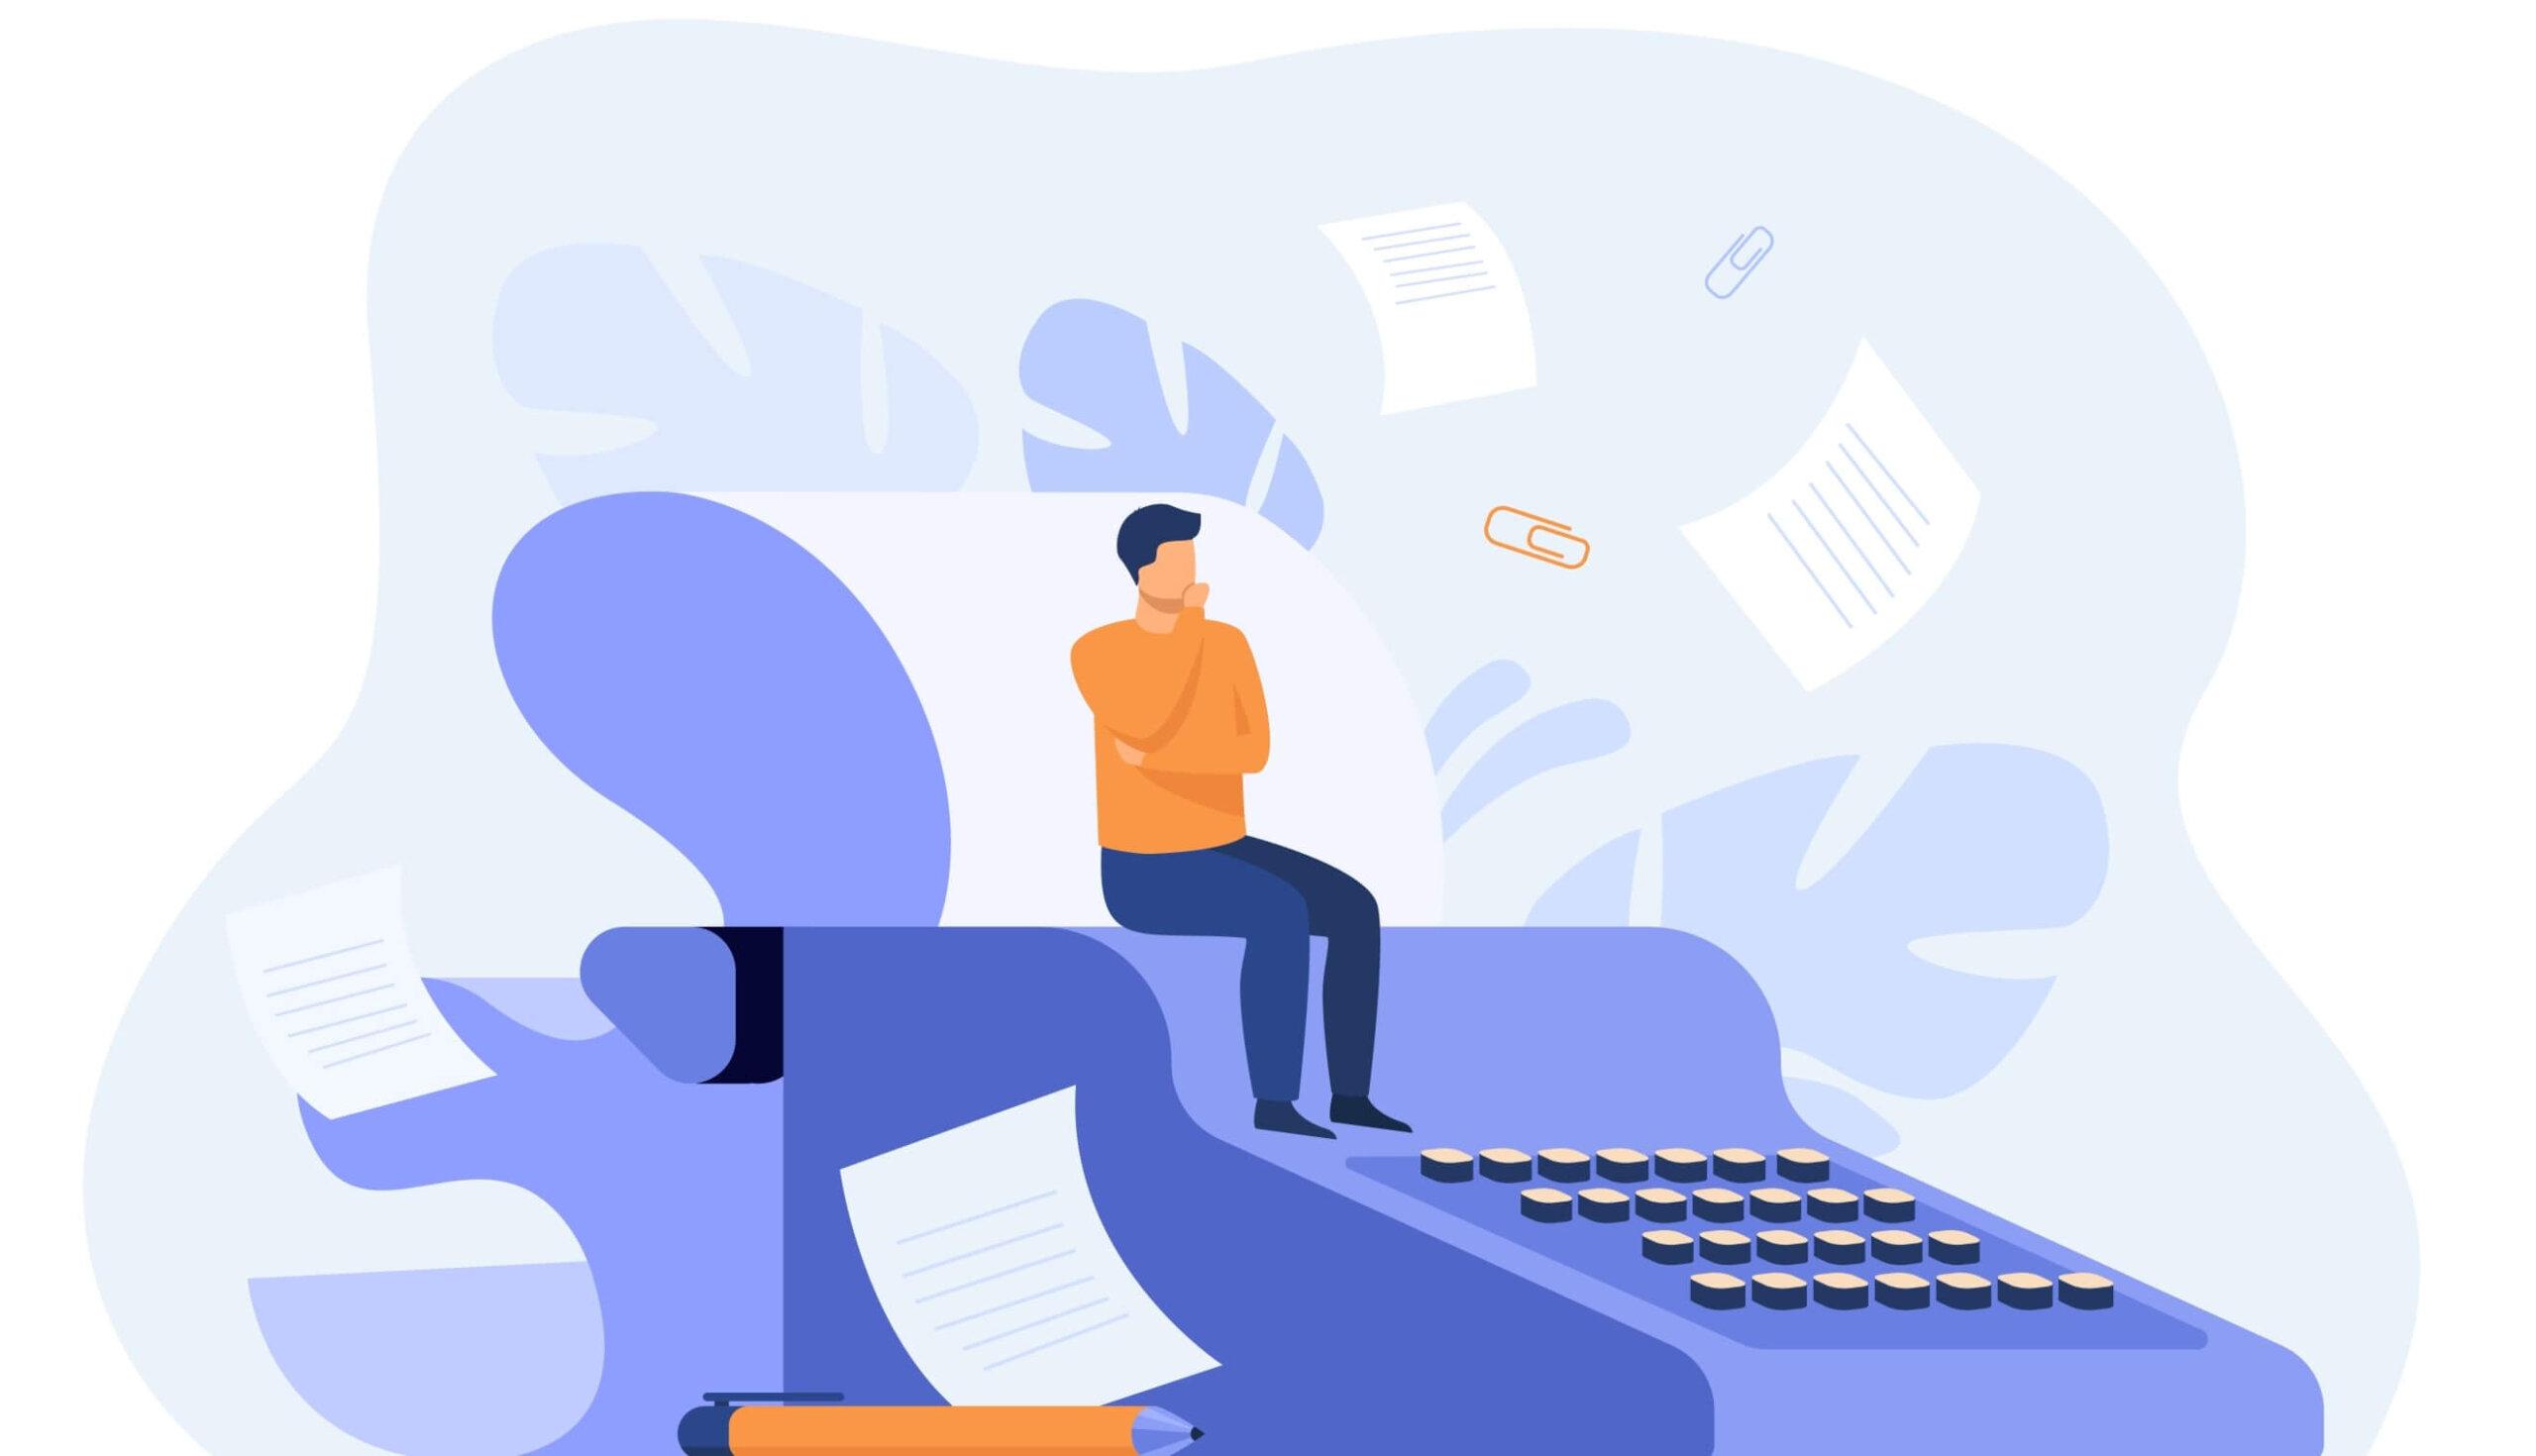 ブログの文章構成を考える手順を解説